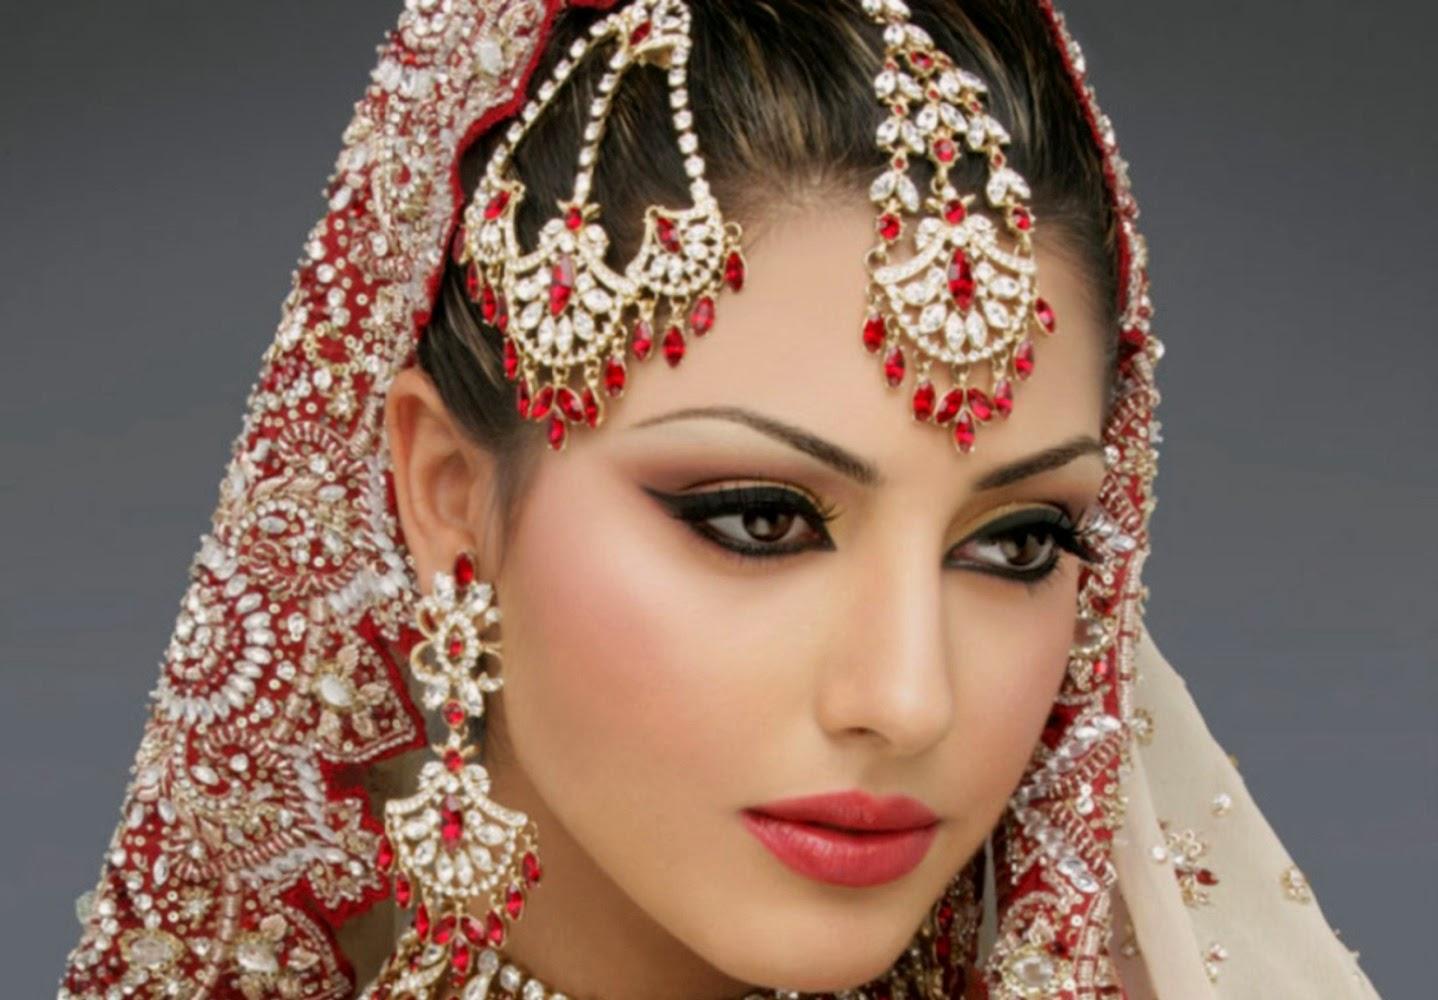 Посмотреть красивый арабский девушки 26 фотография